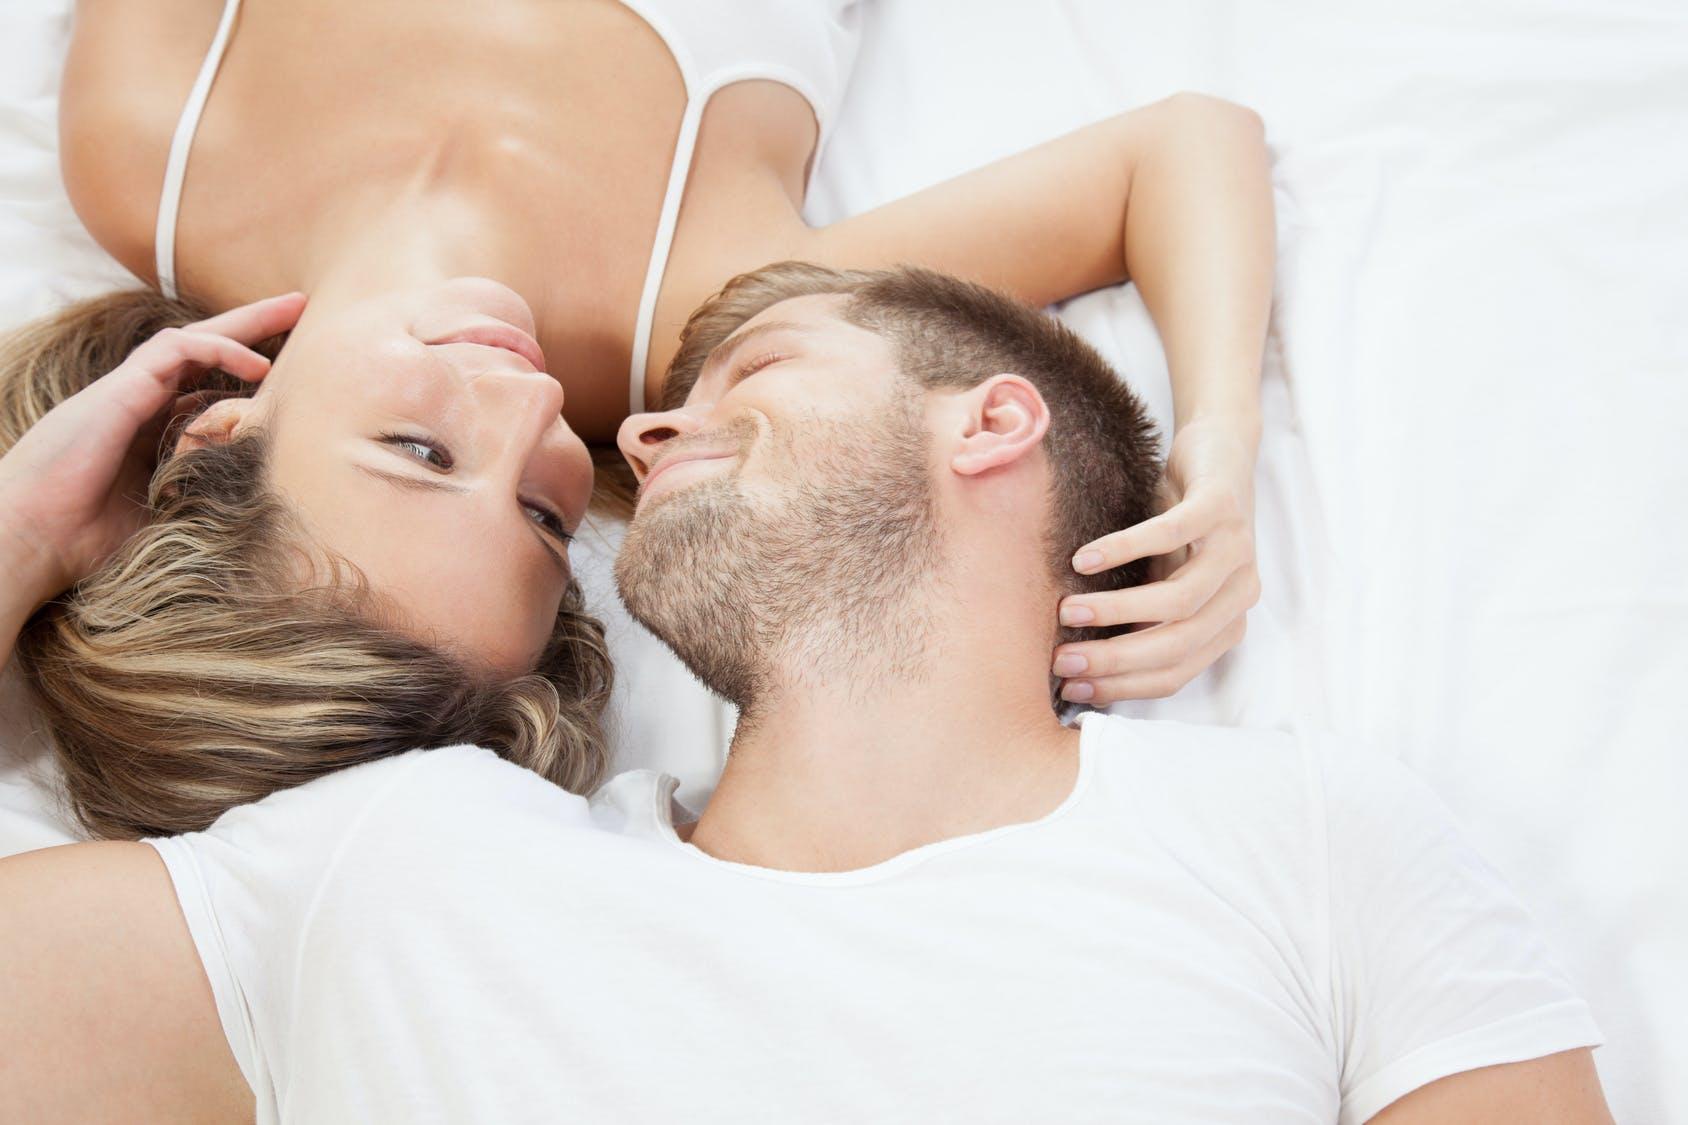 Dating tips for kvinder photos 526